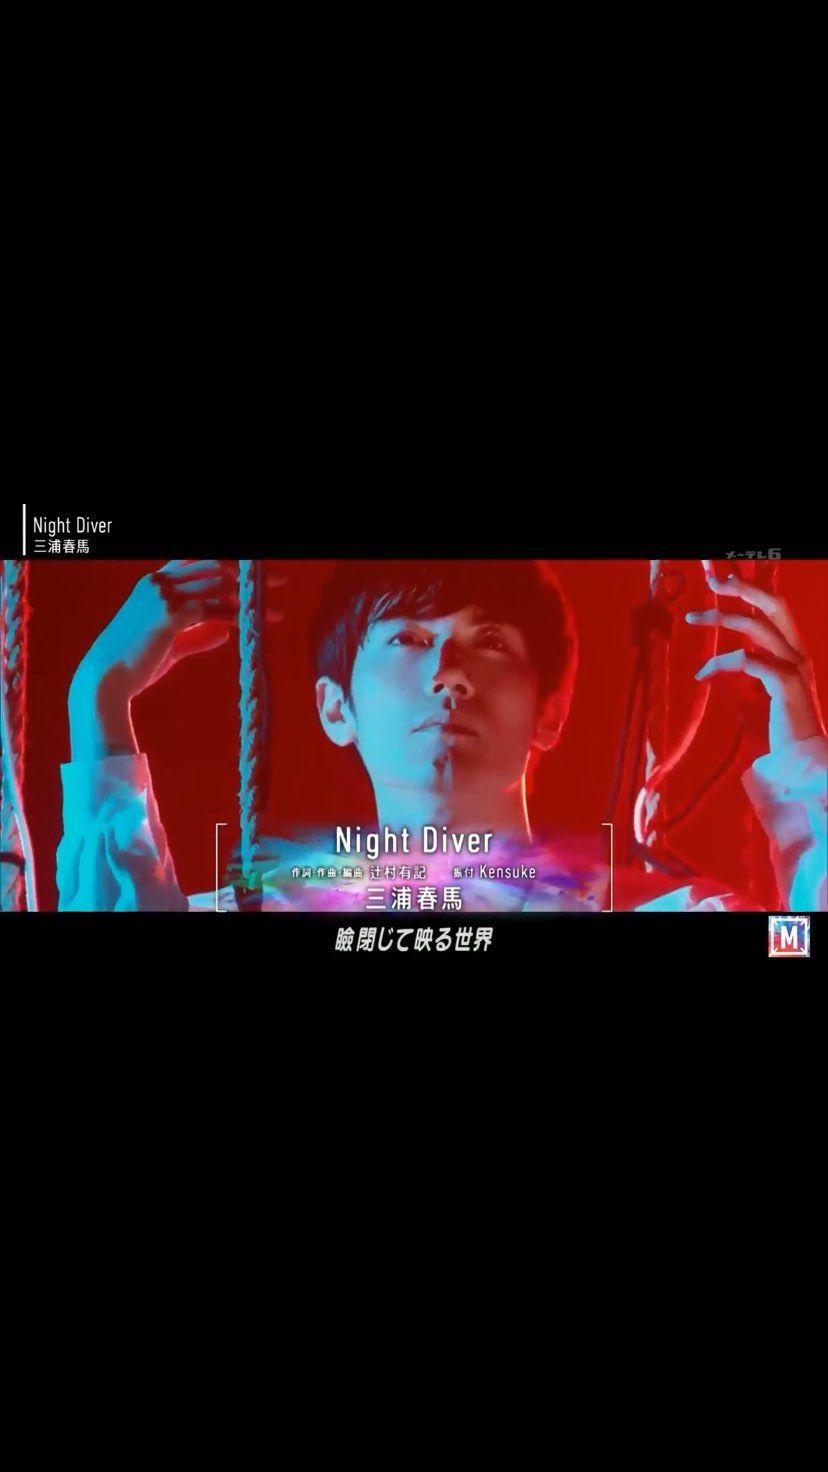 嵐健 On Instagram 三浦春馬 Mステ In 2020 Movie Posters Poster Instagram